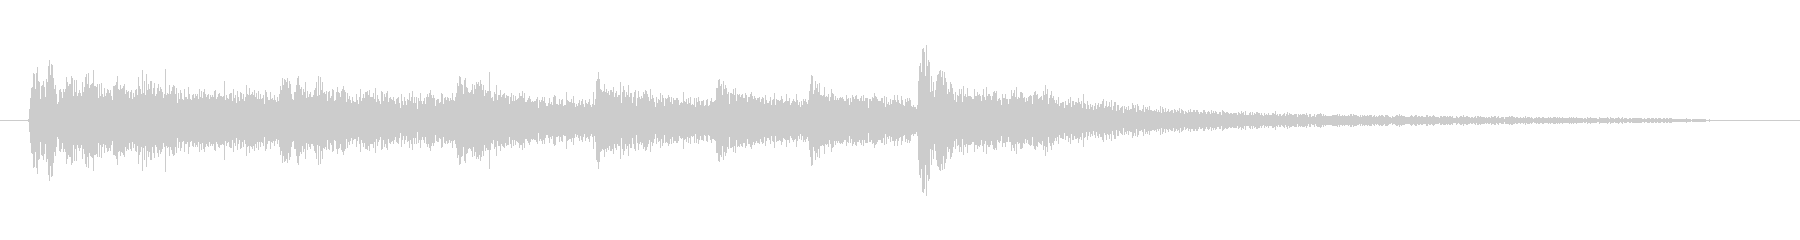 擬音【たりらりたりら〜】【エンコード1…の未再生の波形